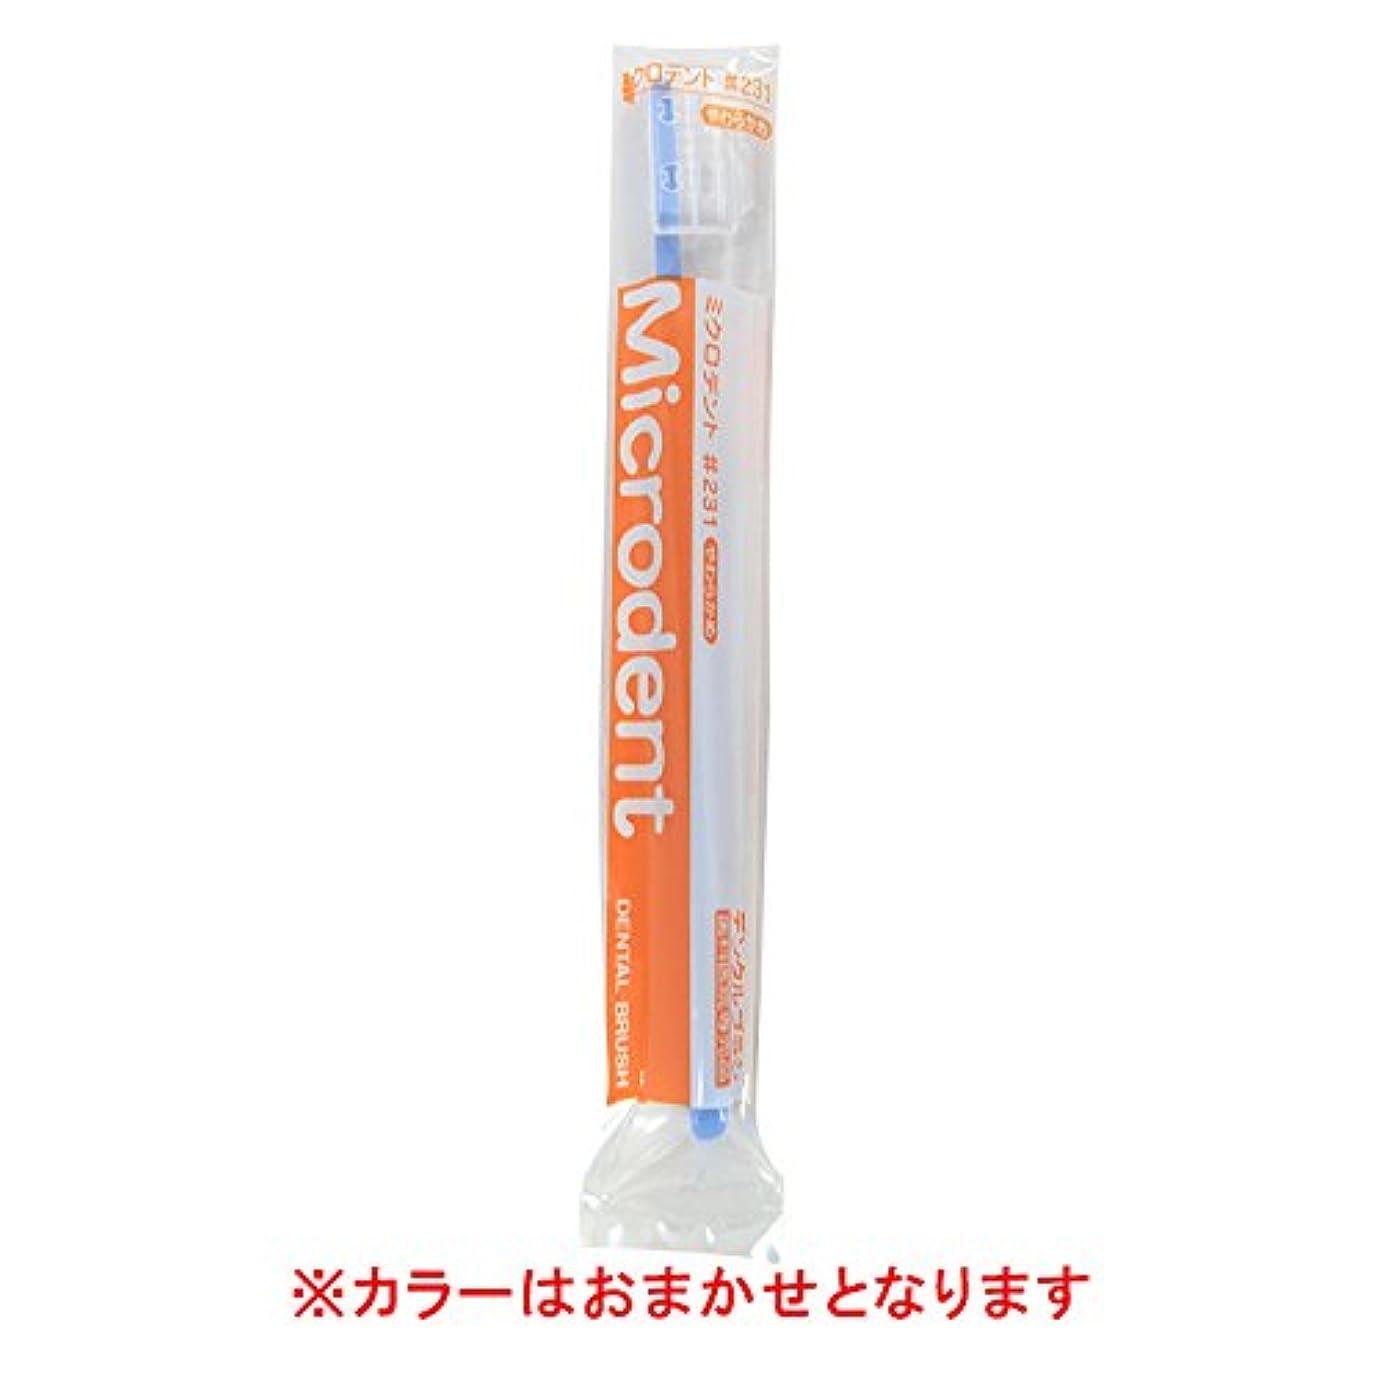 透けるペナルティキリマンジャロ白水貿易 ミクロデント(Microdent) 1本 (#231)